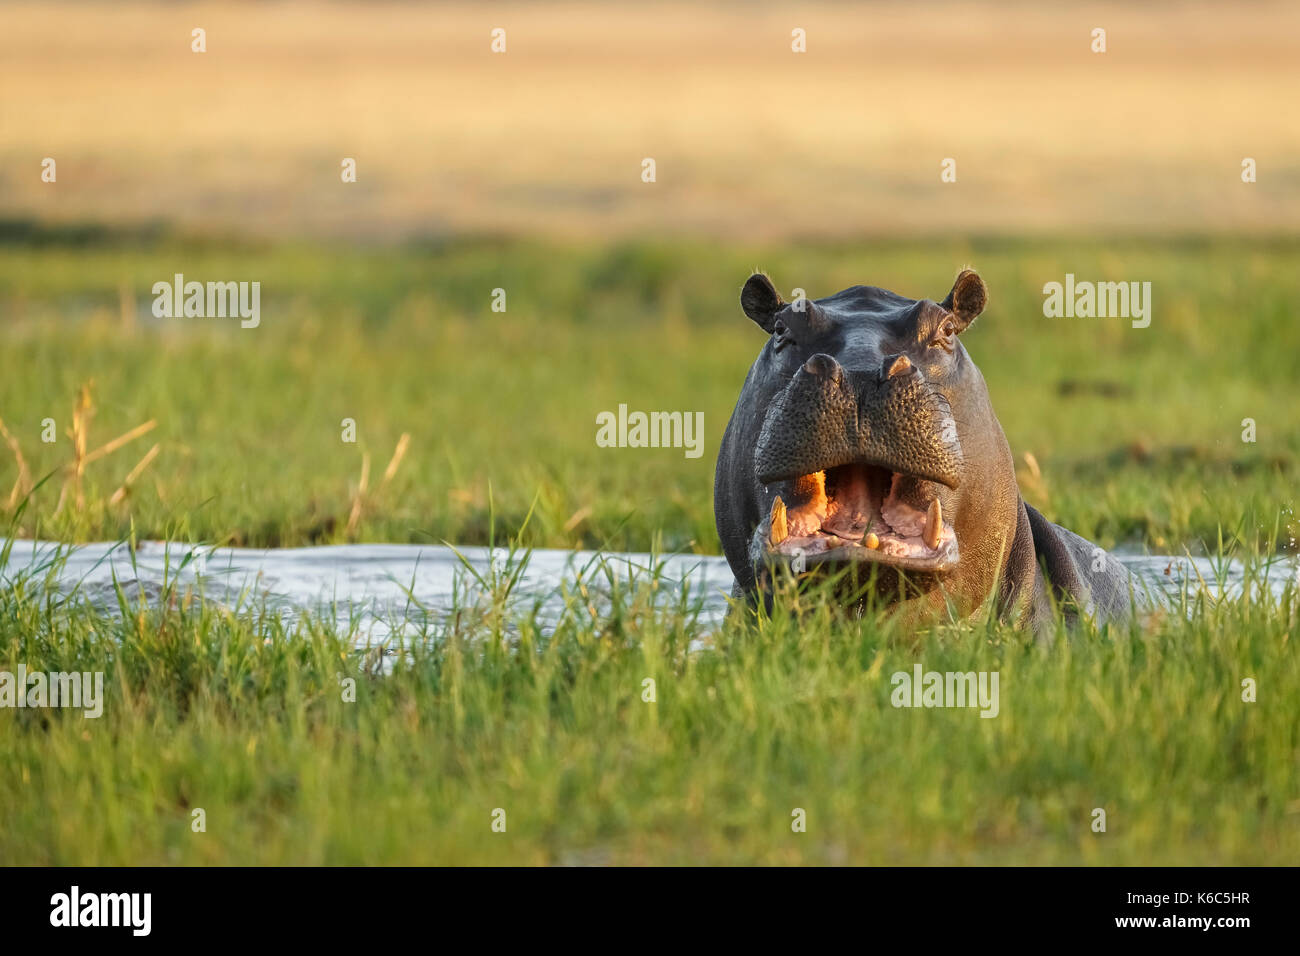 Hippopotamus in Wasser. Okavango Delta, khwai, Botswana Stockbild